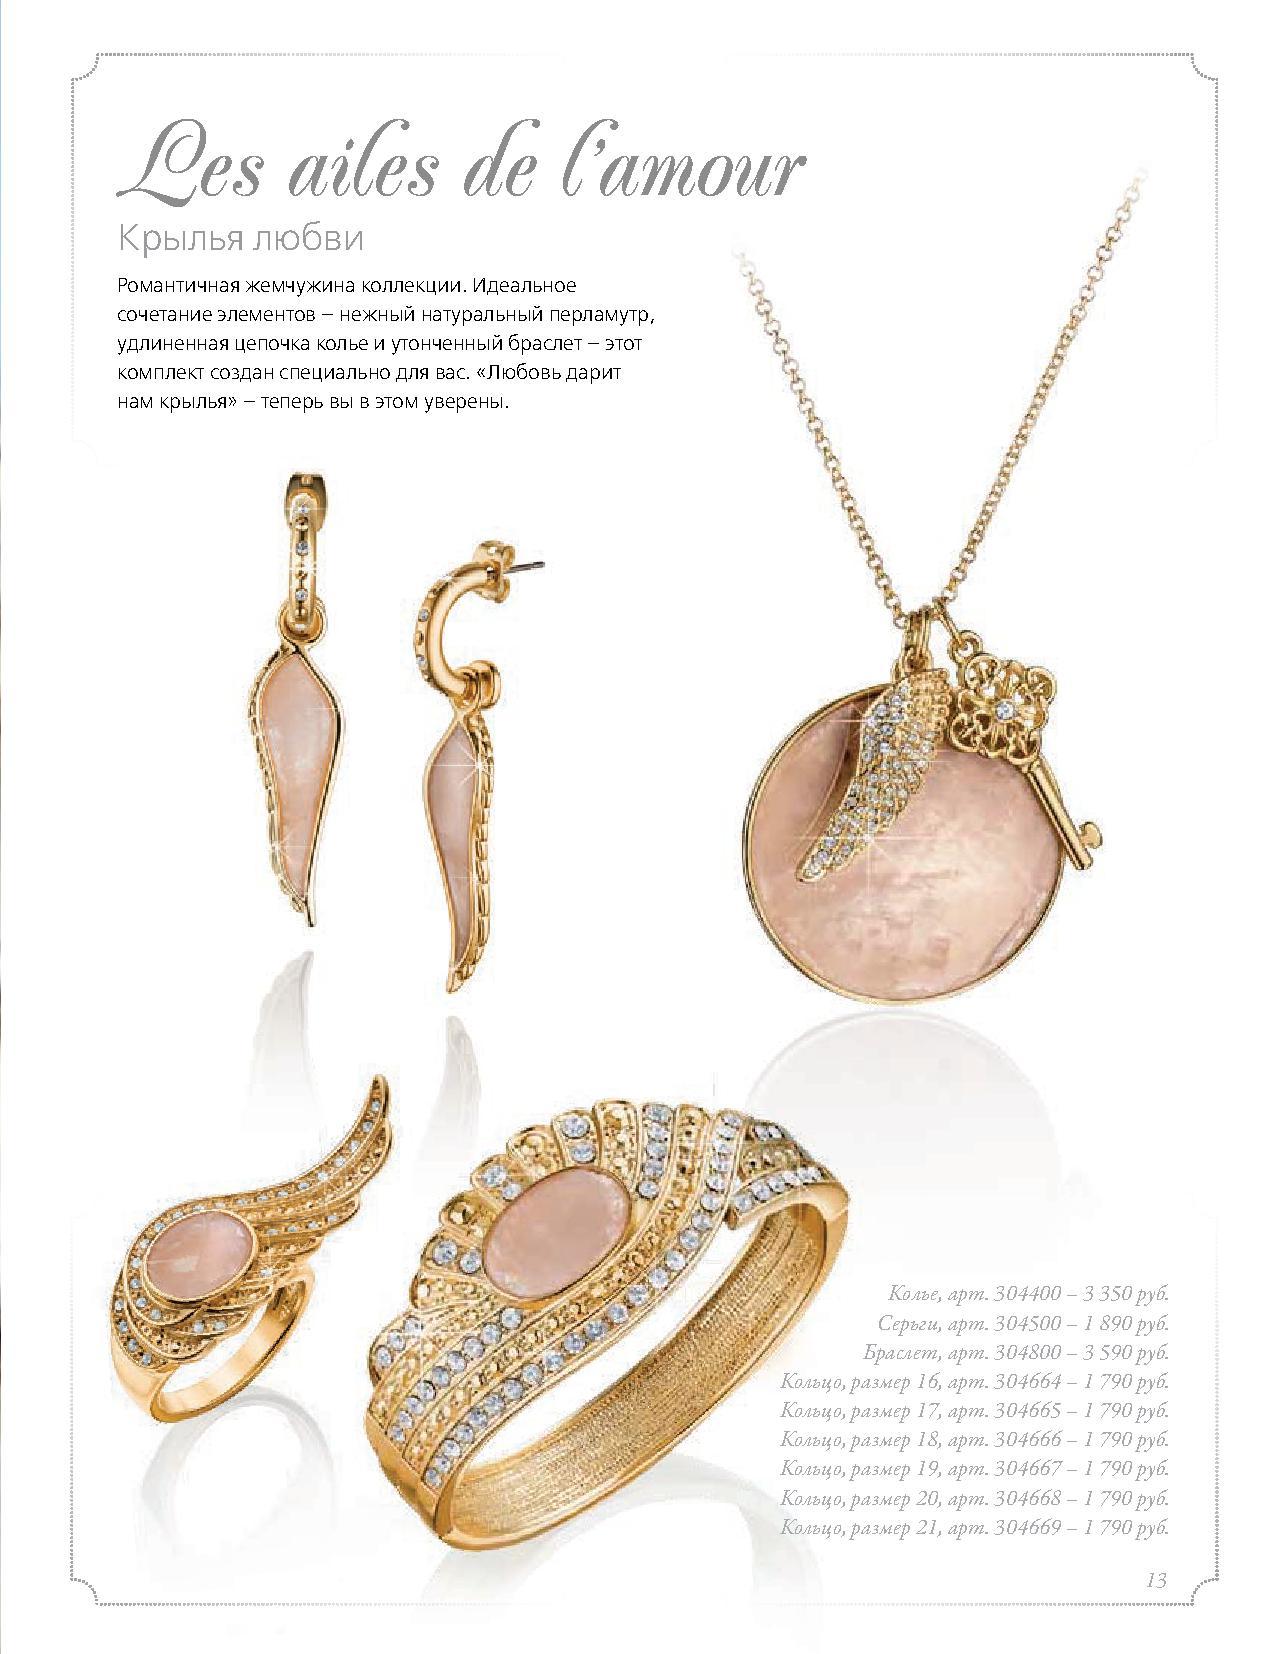 Флоранж комплект Крылья любви: колье, серьги, браслет, кольцо